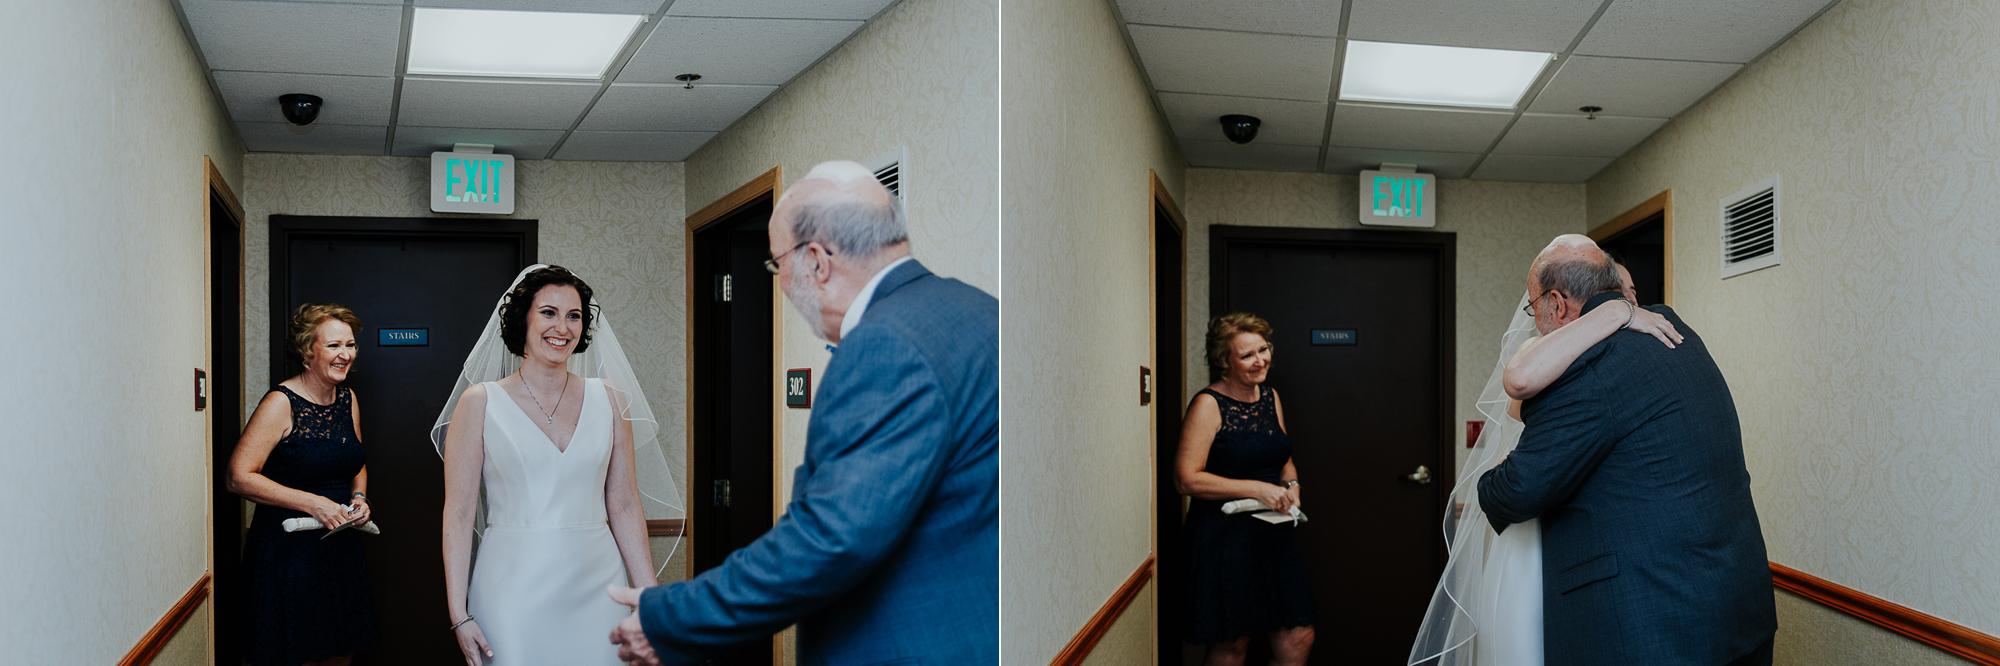 028-annapolis_courthouse_wedding.jpg